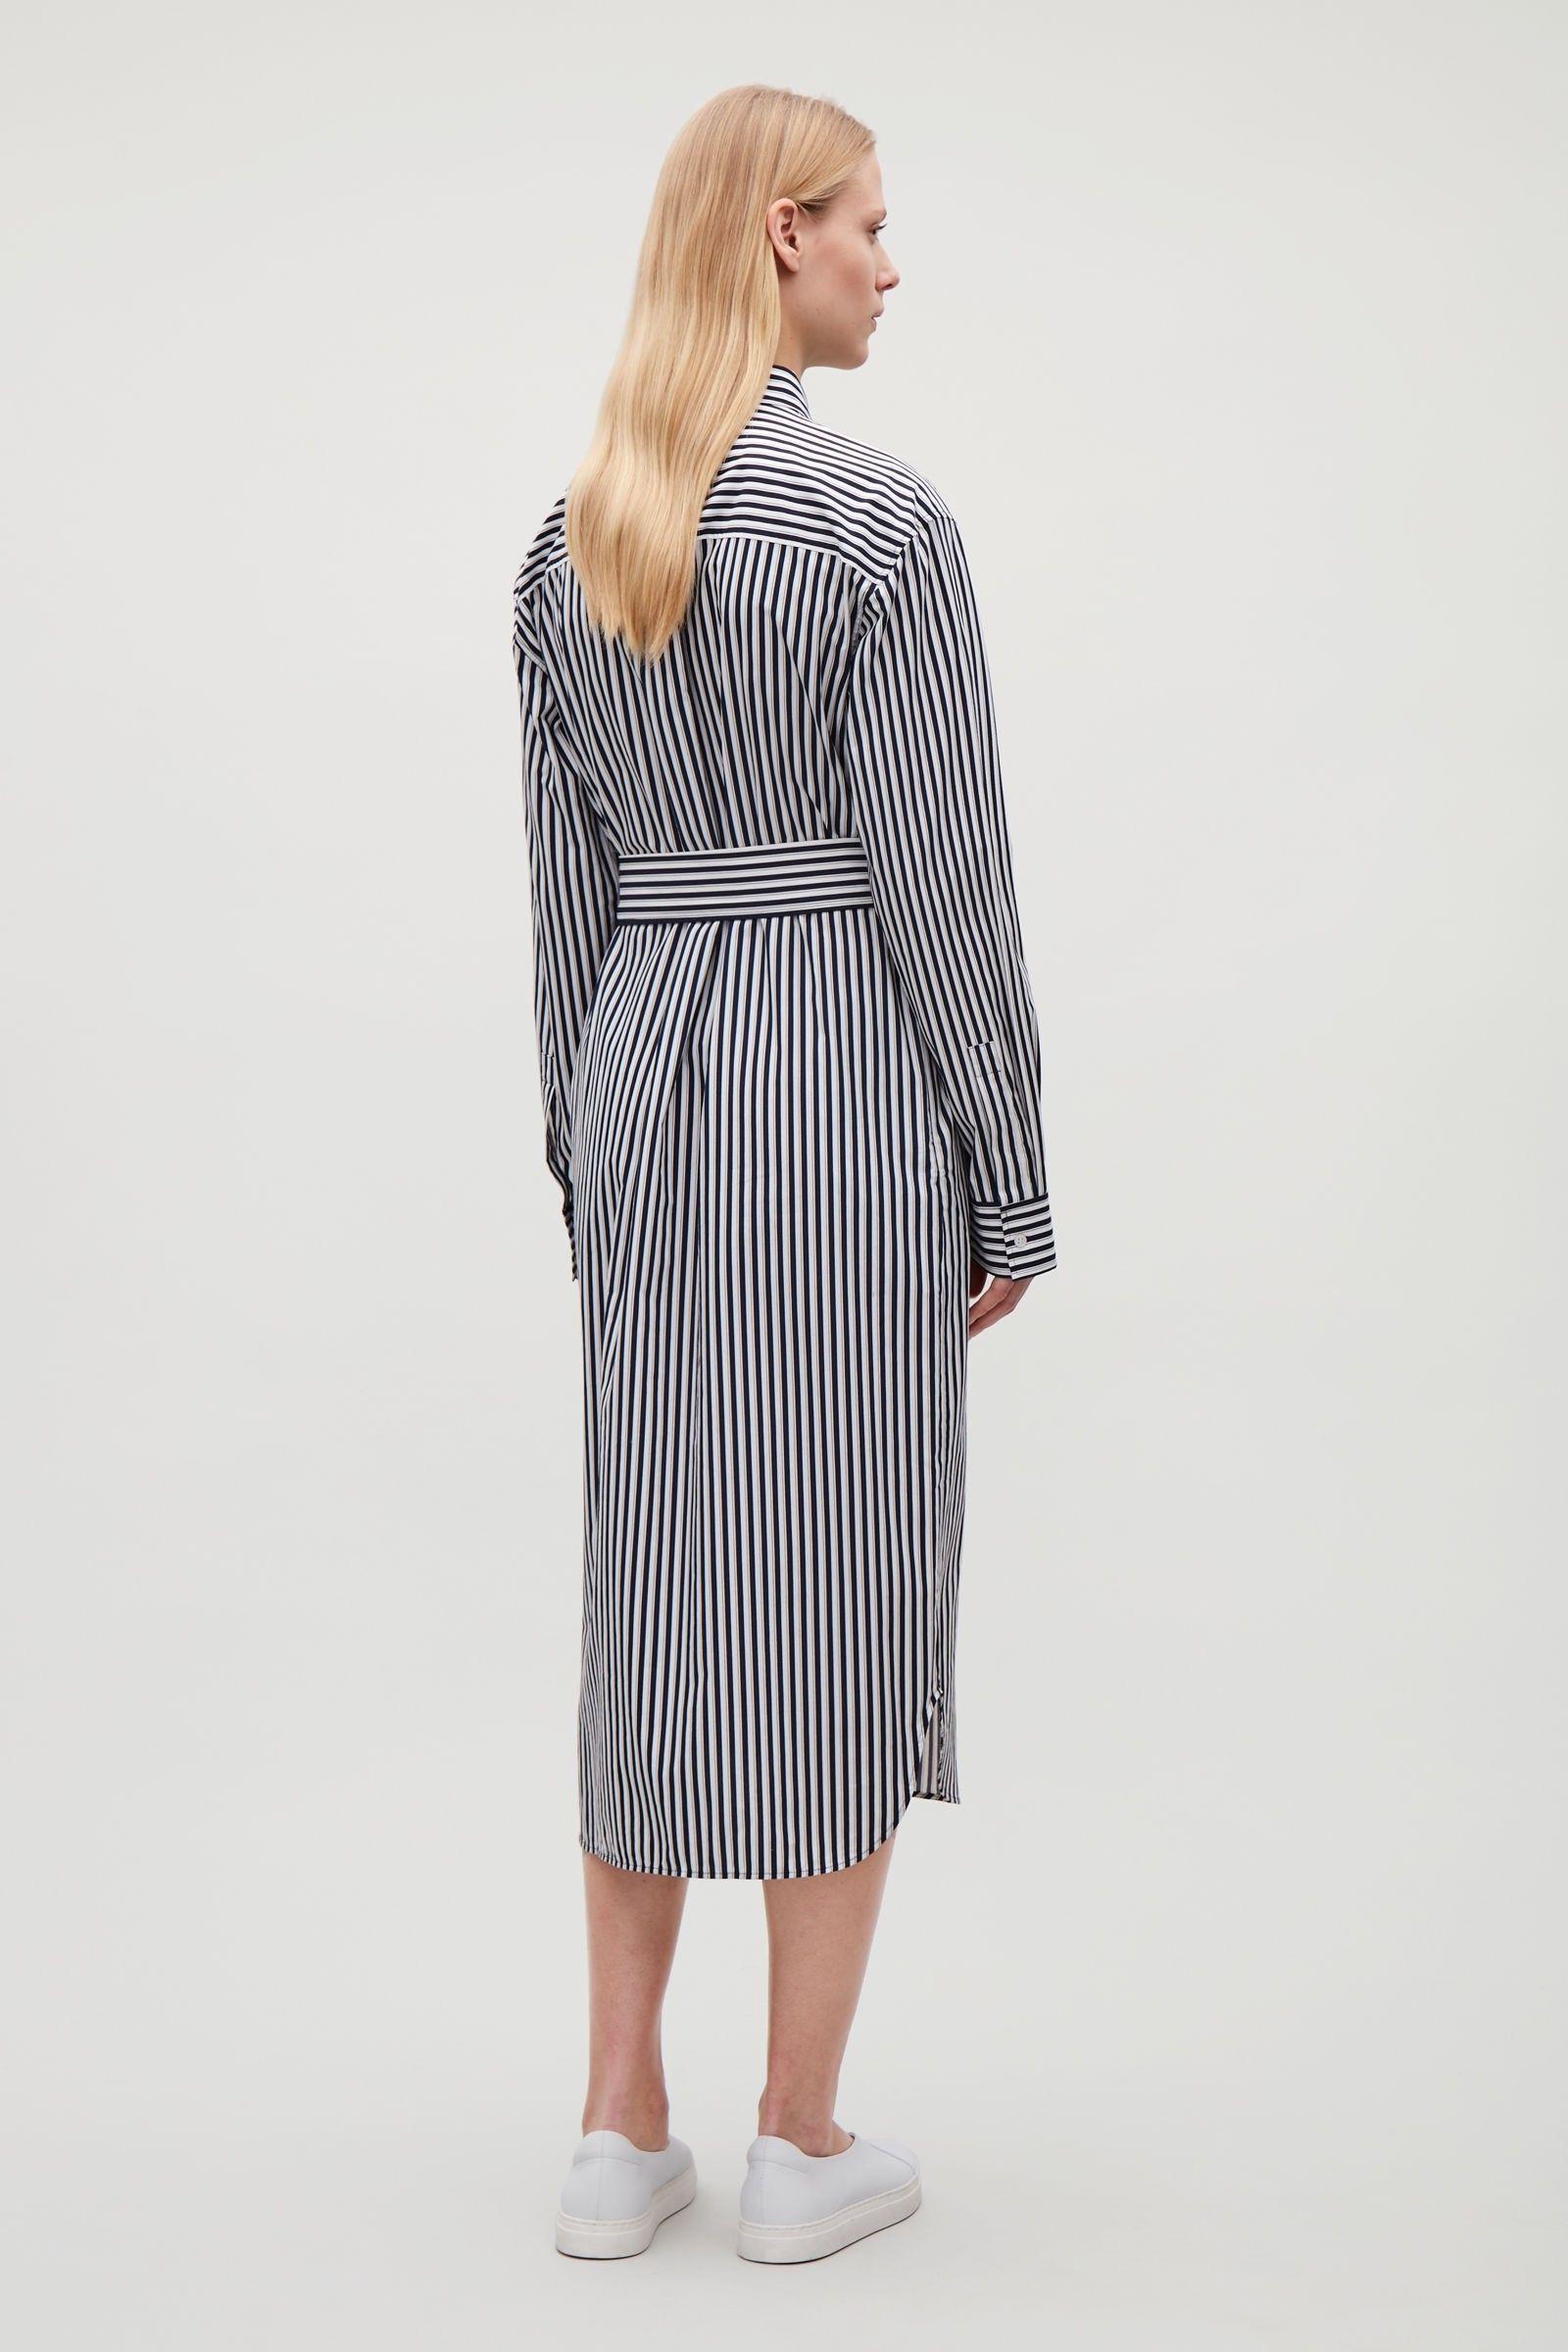 Cos Long Shirt Dress - Navy 14  00d47a211